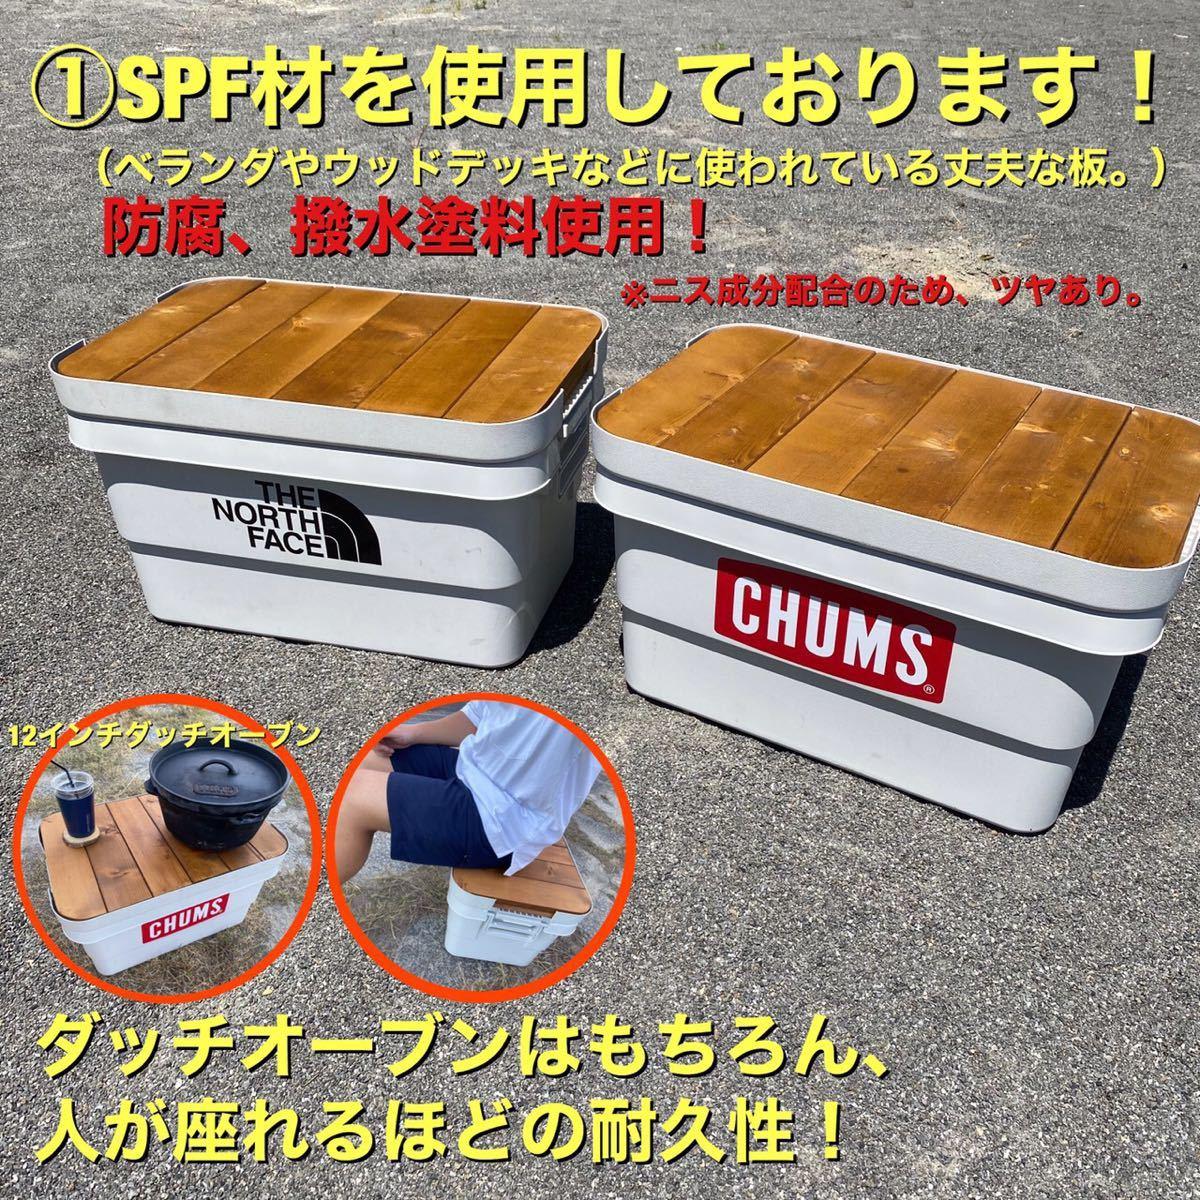 無印頑丈収納ボックス専用オリジナル天板 70L用特大サイズ用 (板のみ)